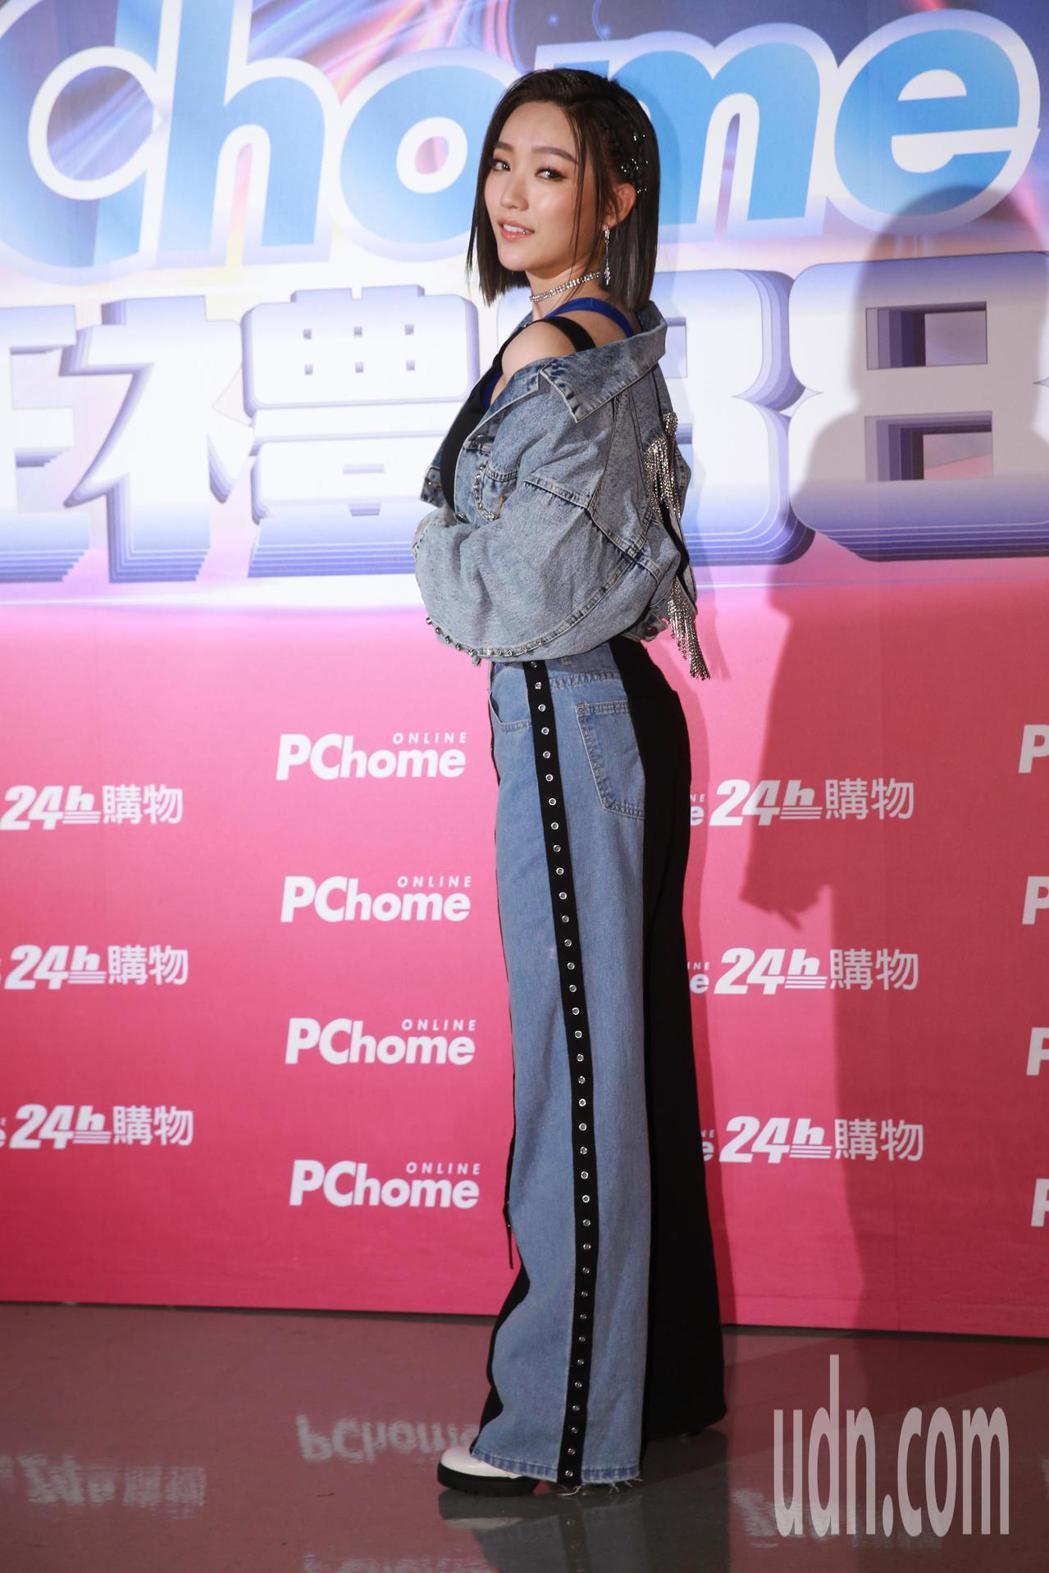 電商平台PChome在小巨蛋舉辦年度演唱會,邀請閻奕格與電商會員同歡。記者許正宏...